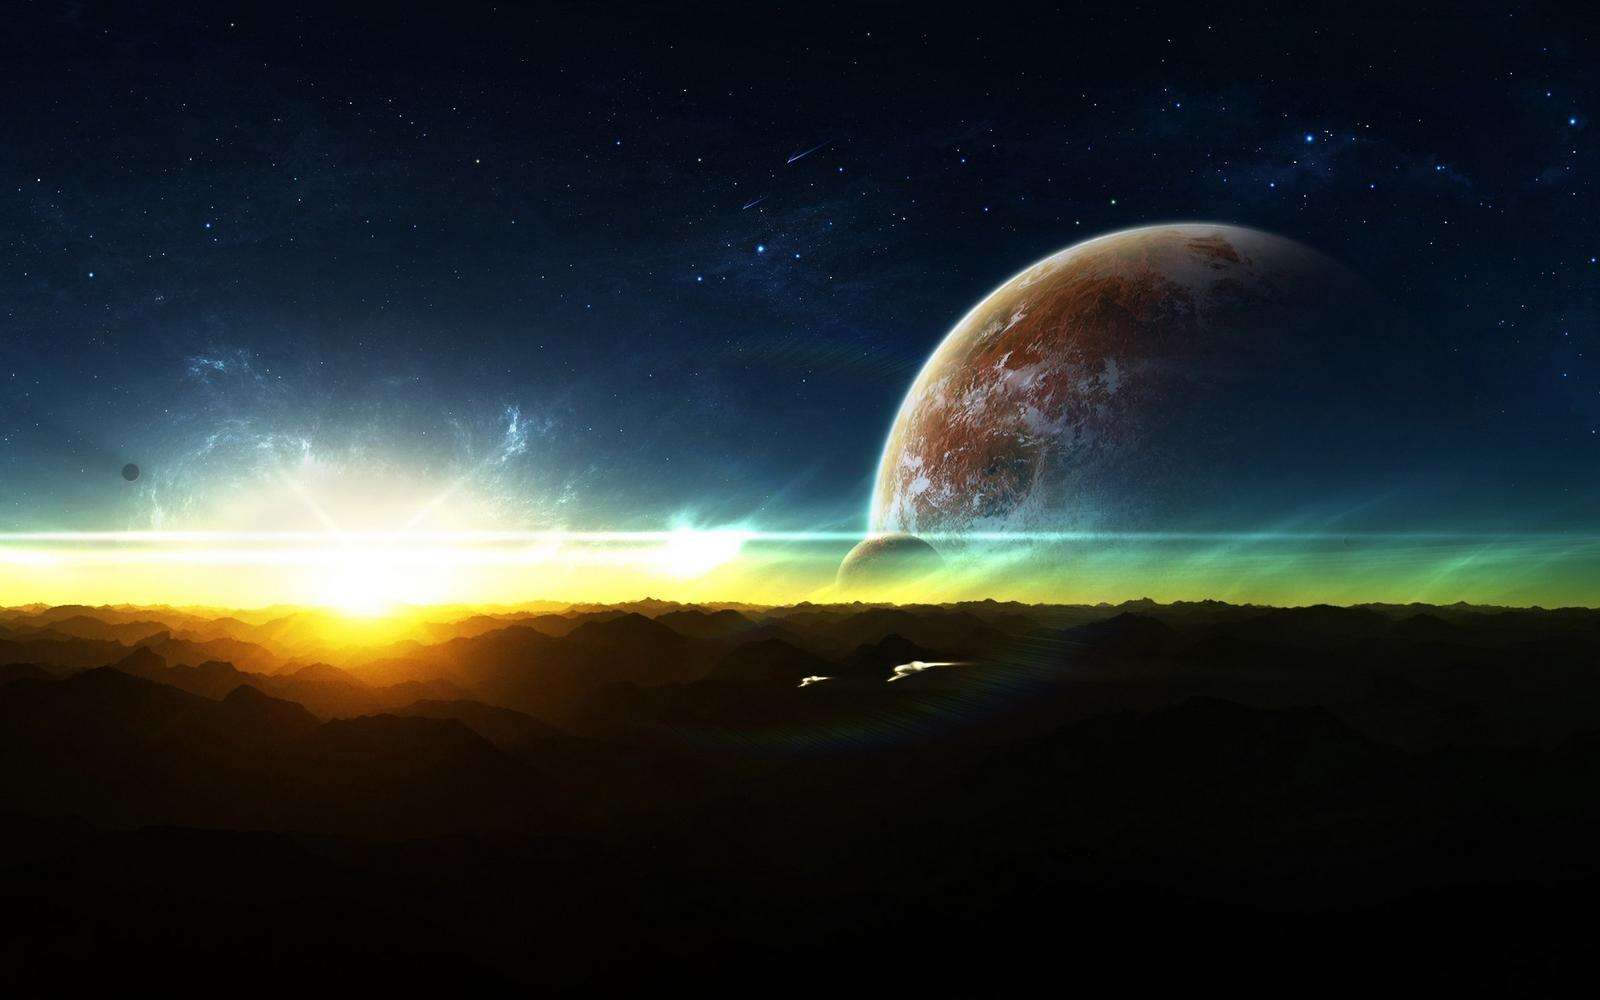 Wallpapers Del Universo Y Espacio, HD